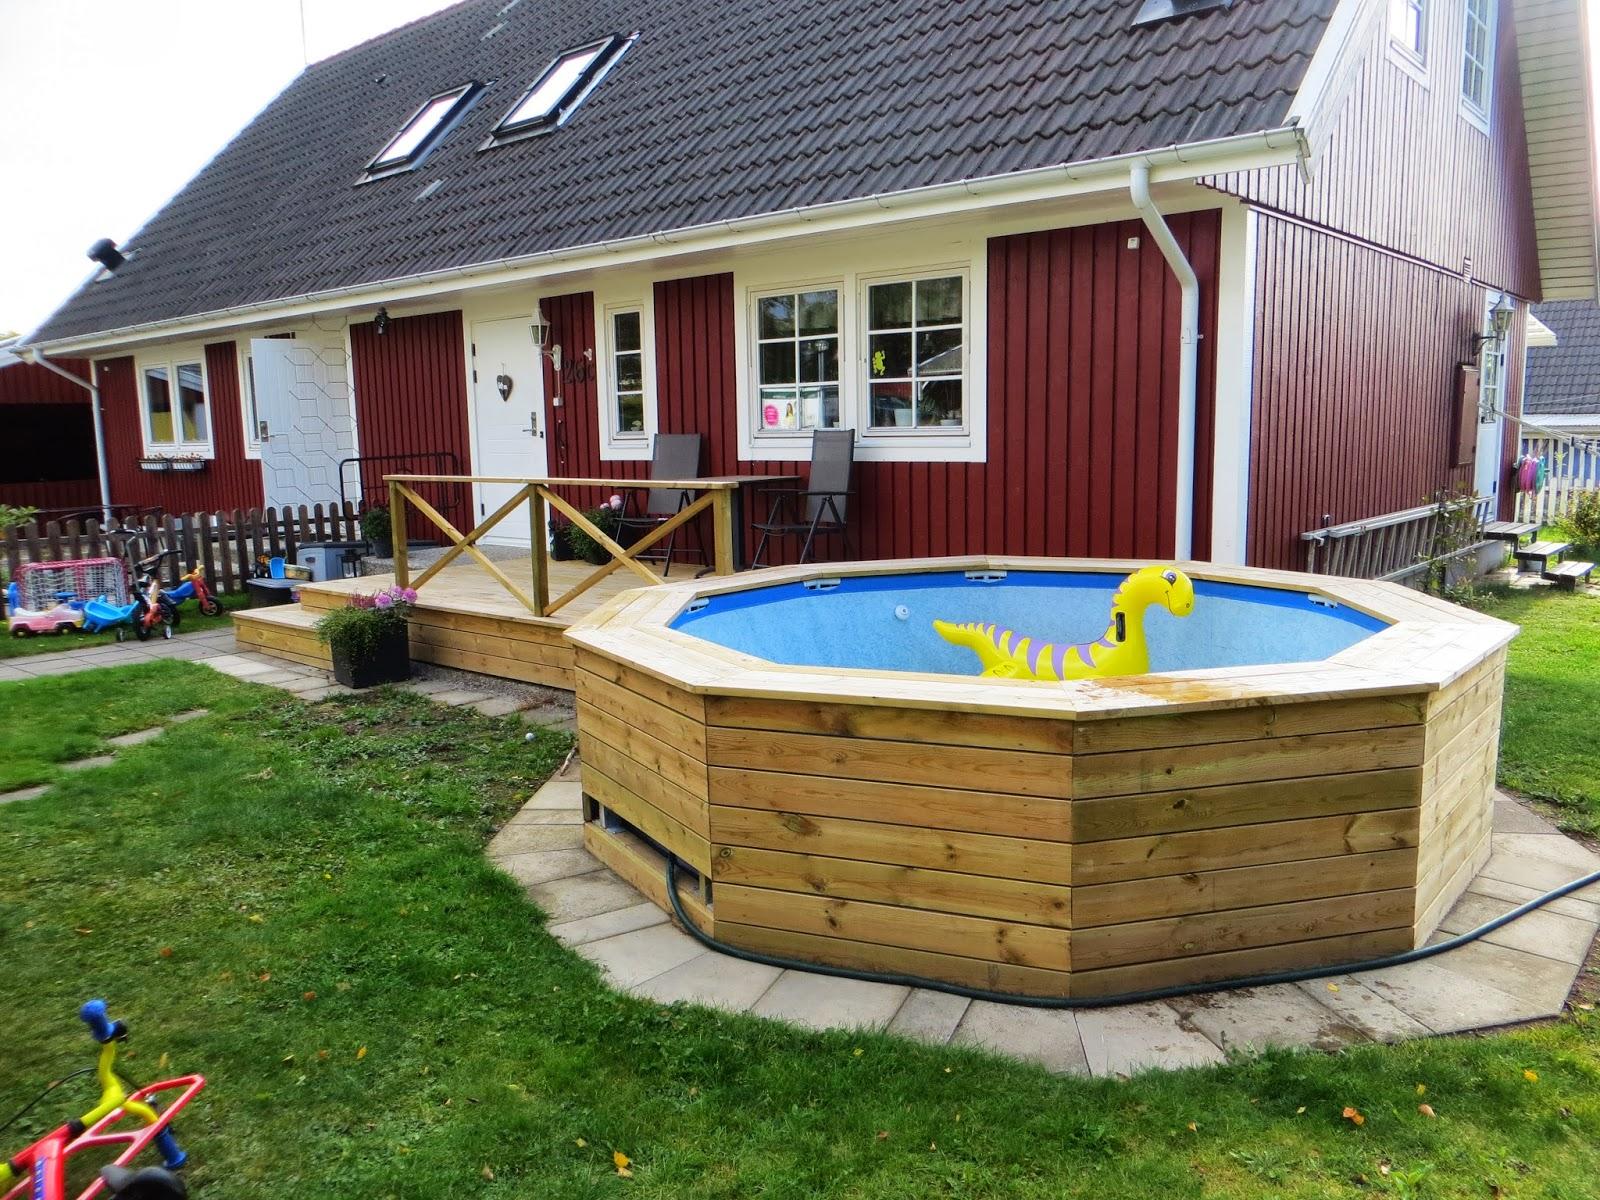 dives bygg pool och sold ck i vintrosa. Black Bedroom Furniture Sets. Home Design Ideas